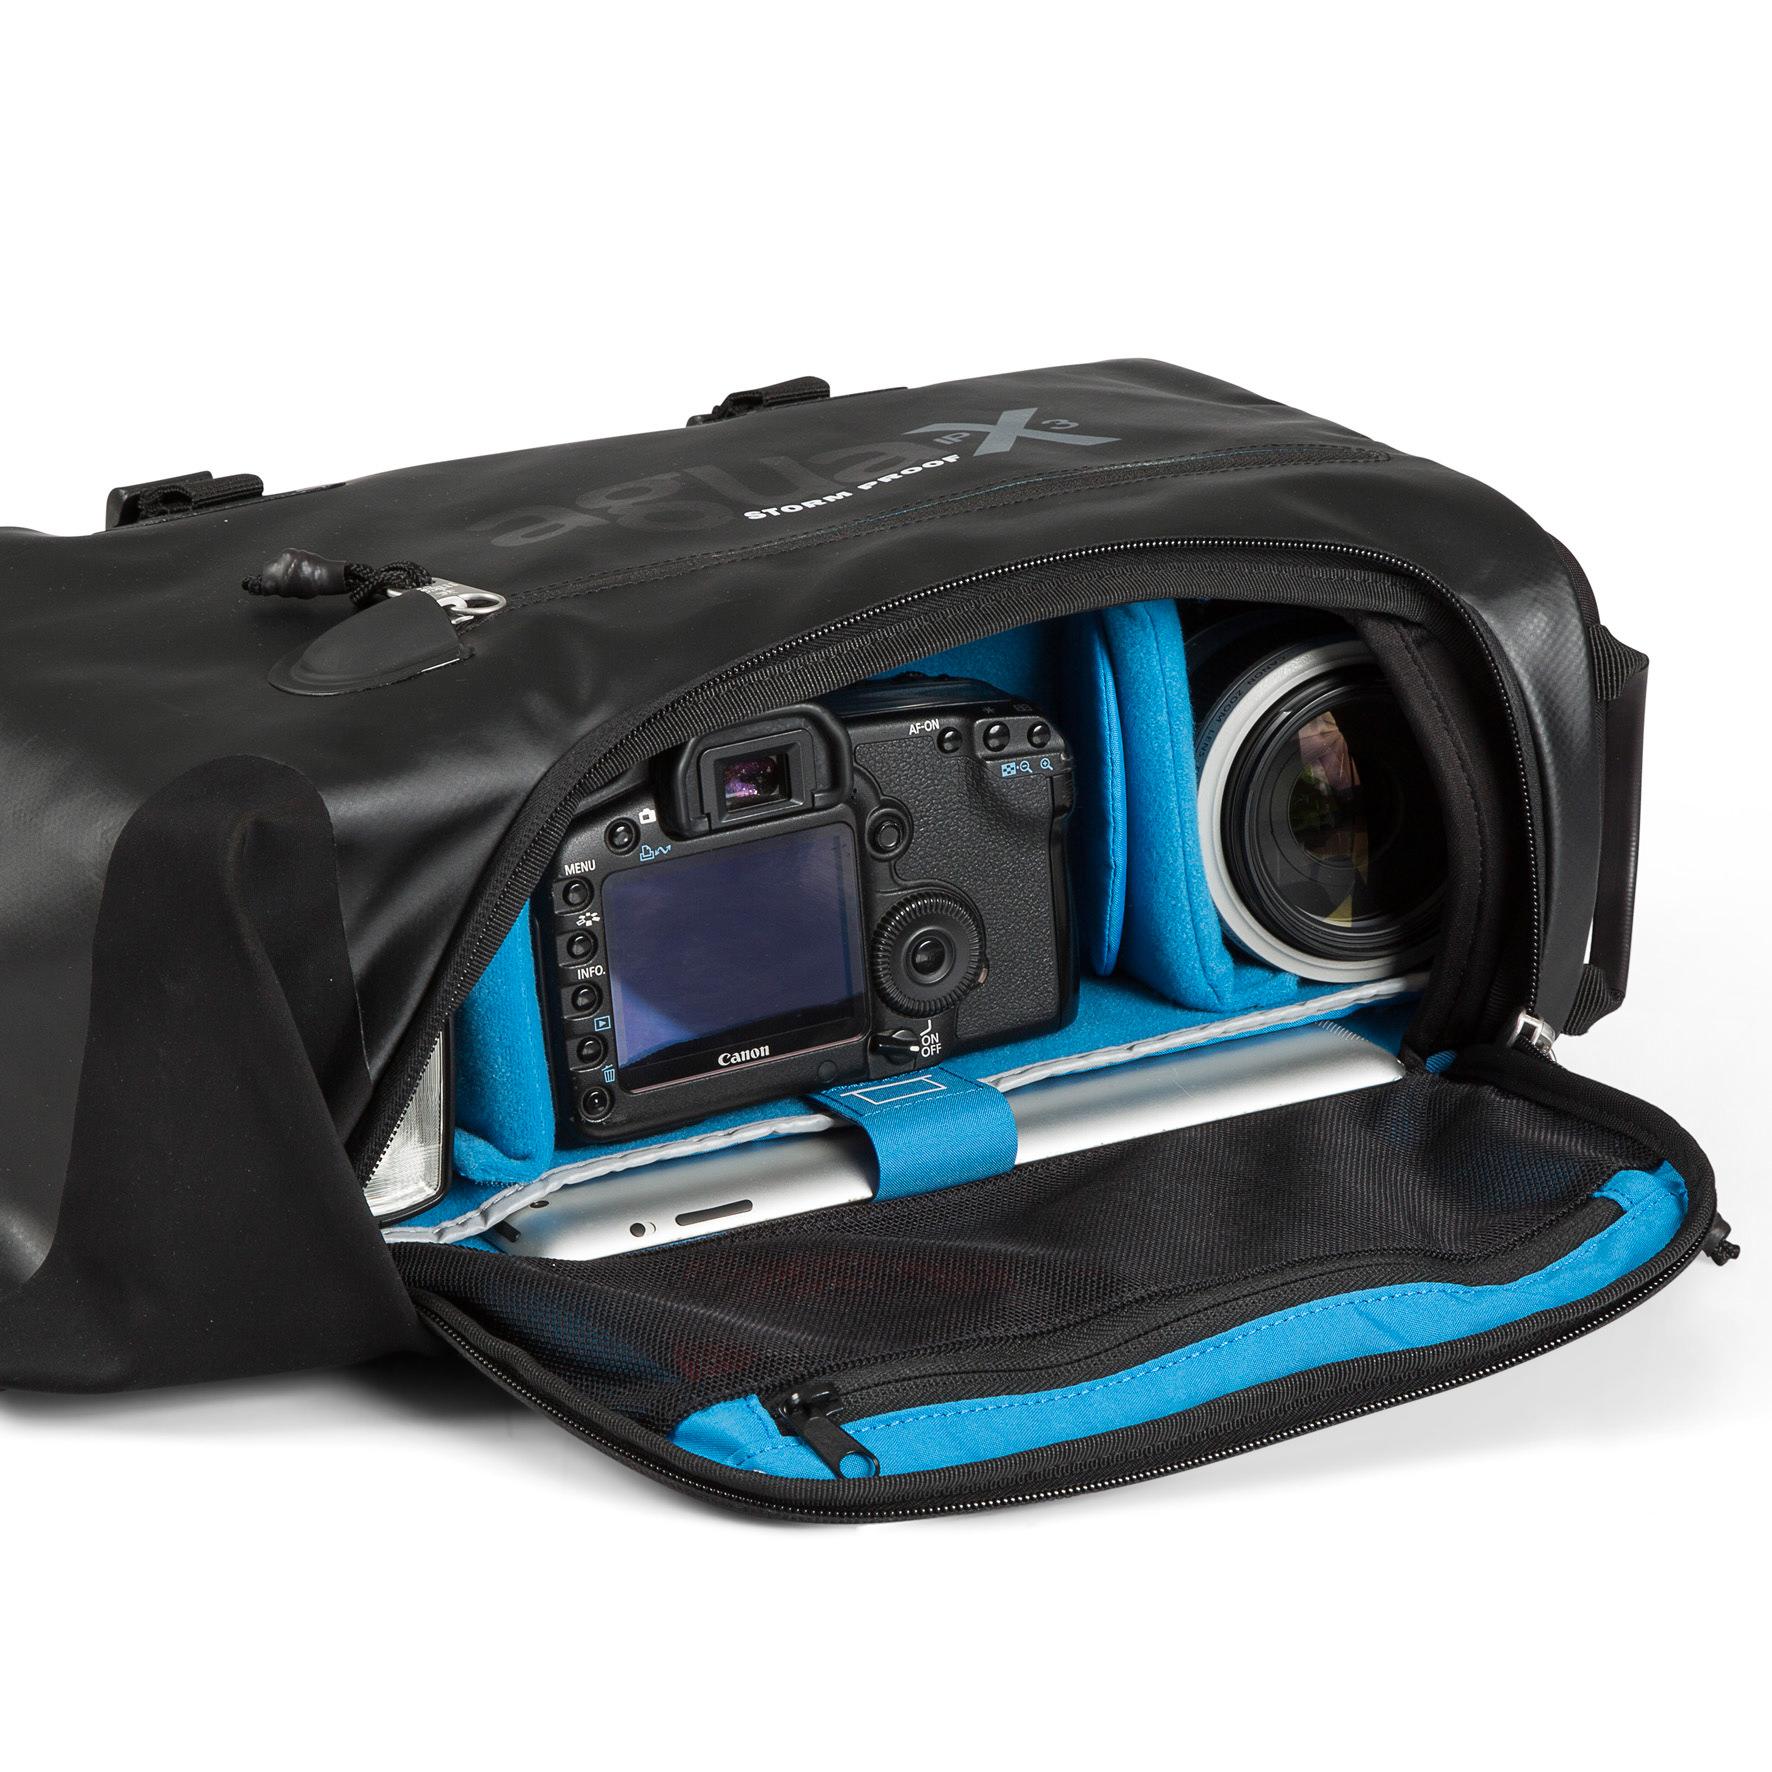 aqua-storm-proof-sling-camera-bag-4.jpg